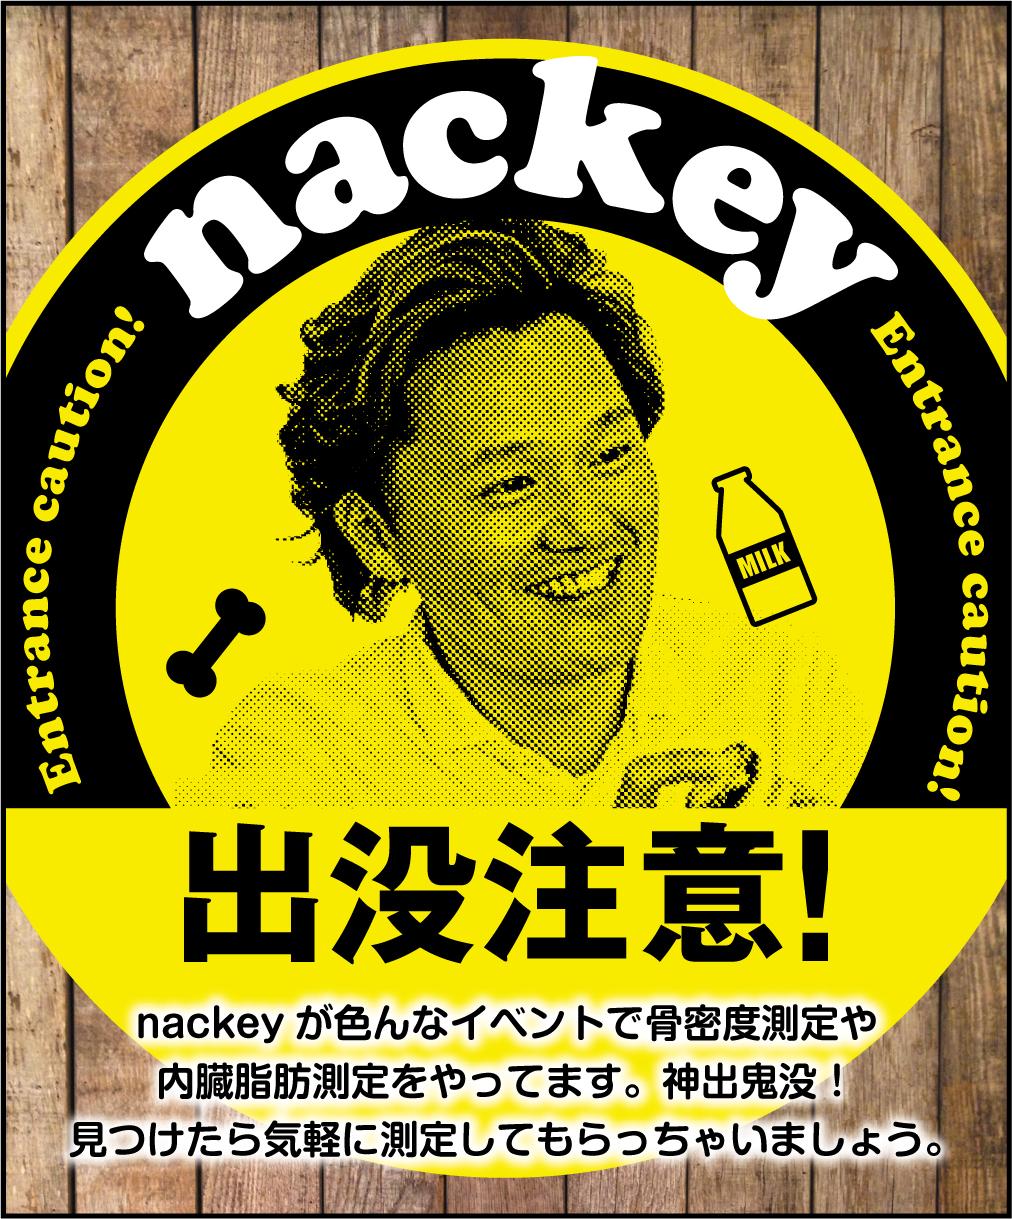 Milkmarket_monami1707